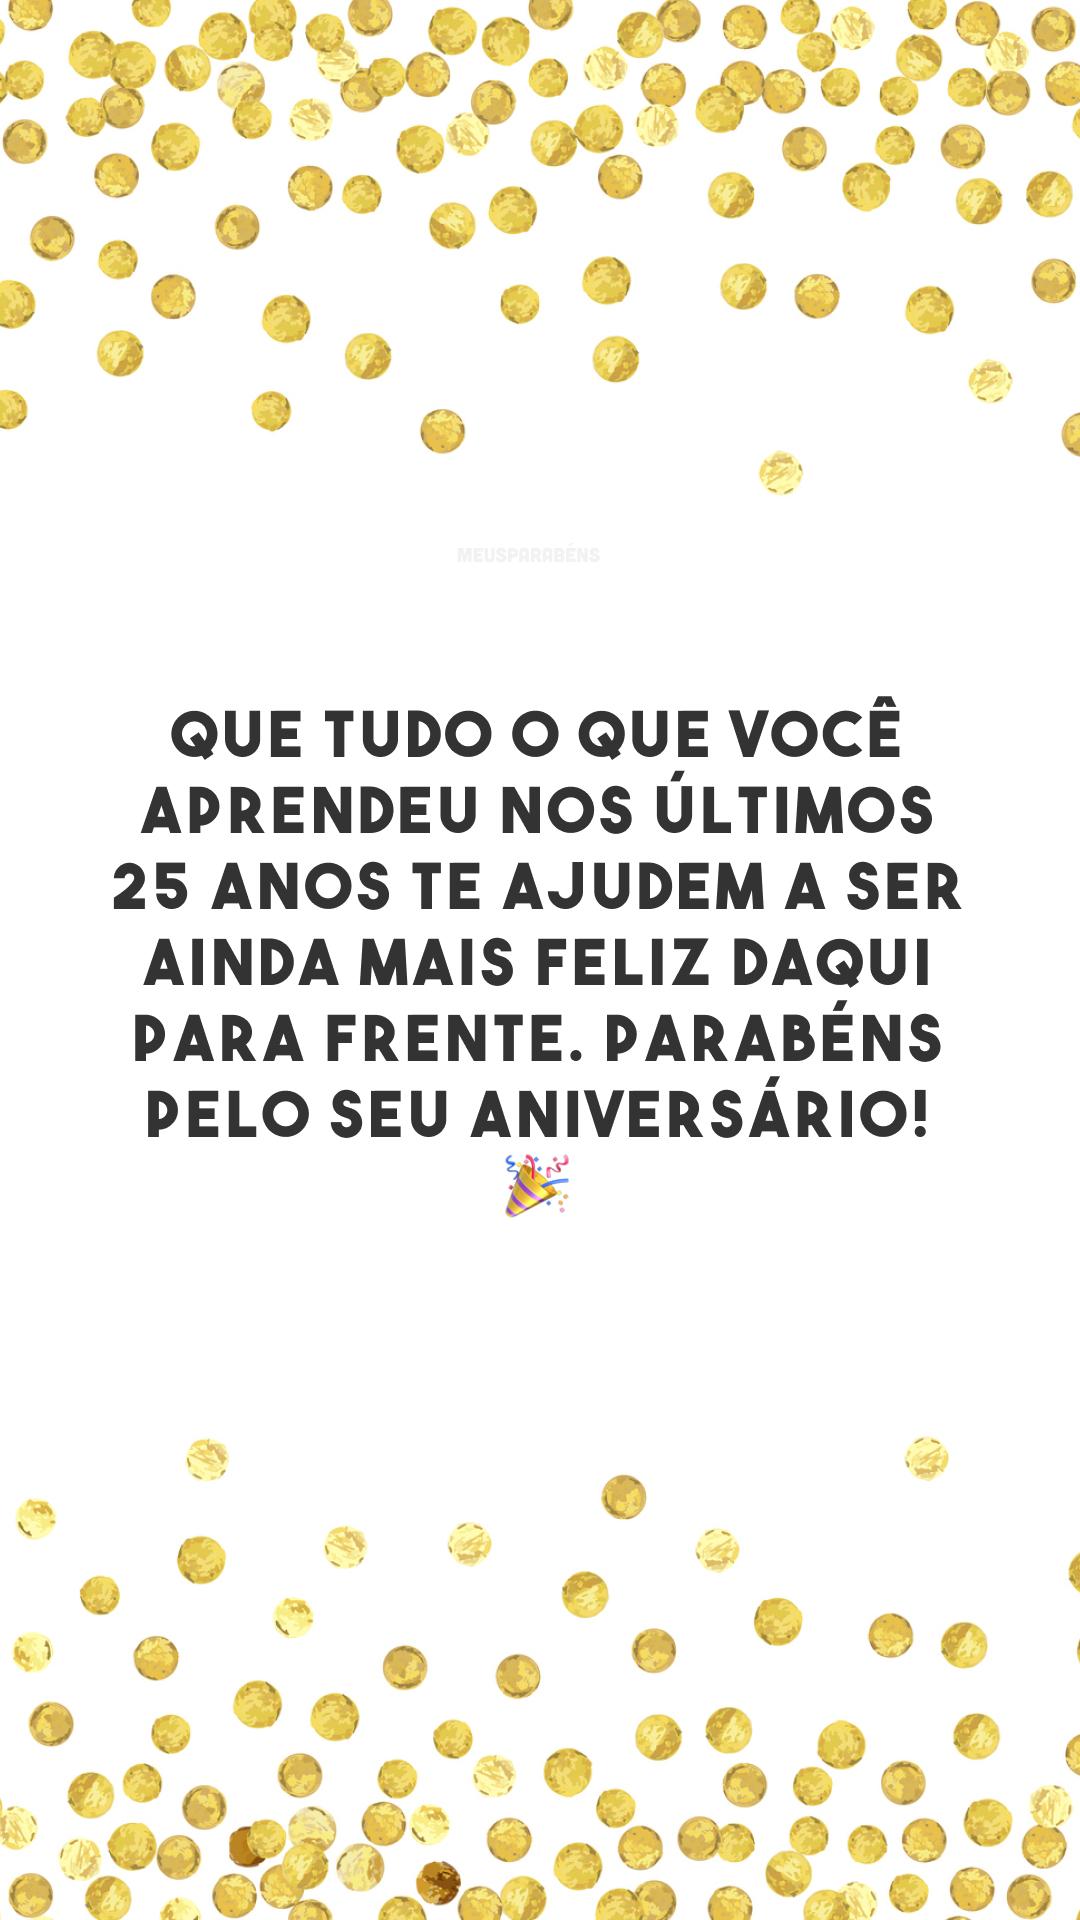 Que tudo o que você aprendeu nos últimos 25 anos te ajudem a ser ainda mais feliz daqui para frente. Parabéns pelo seu aniversário! 🎉